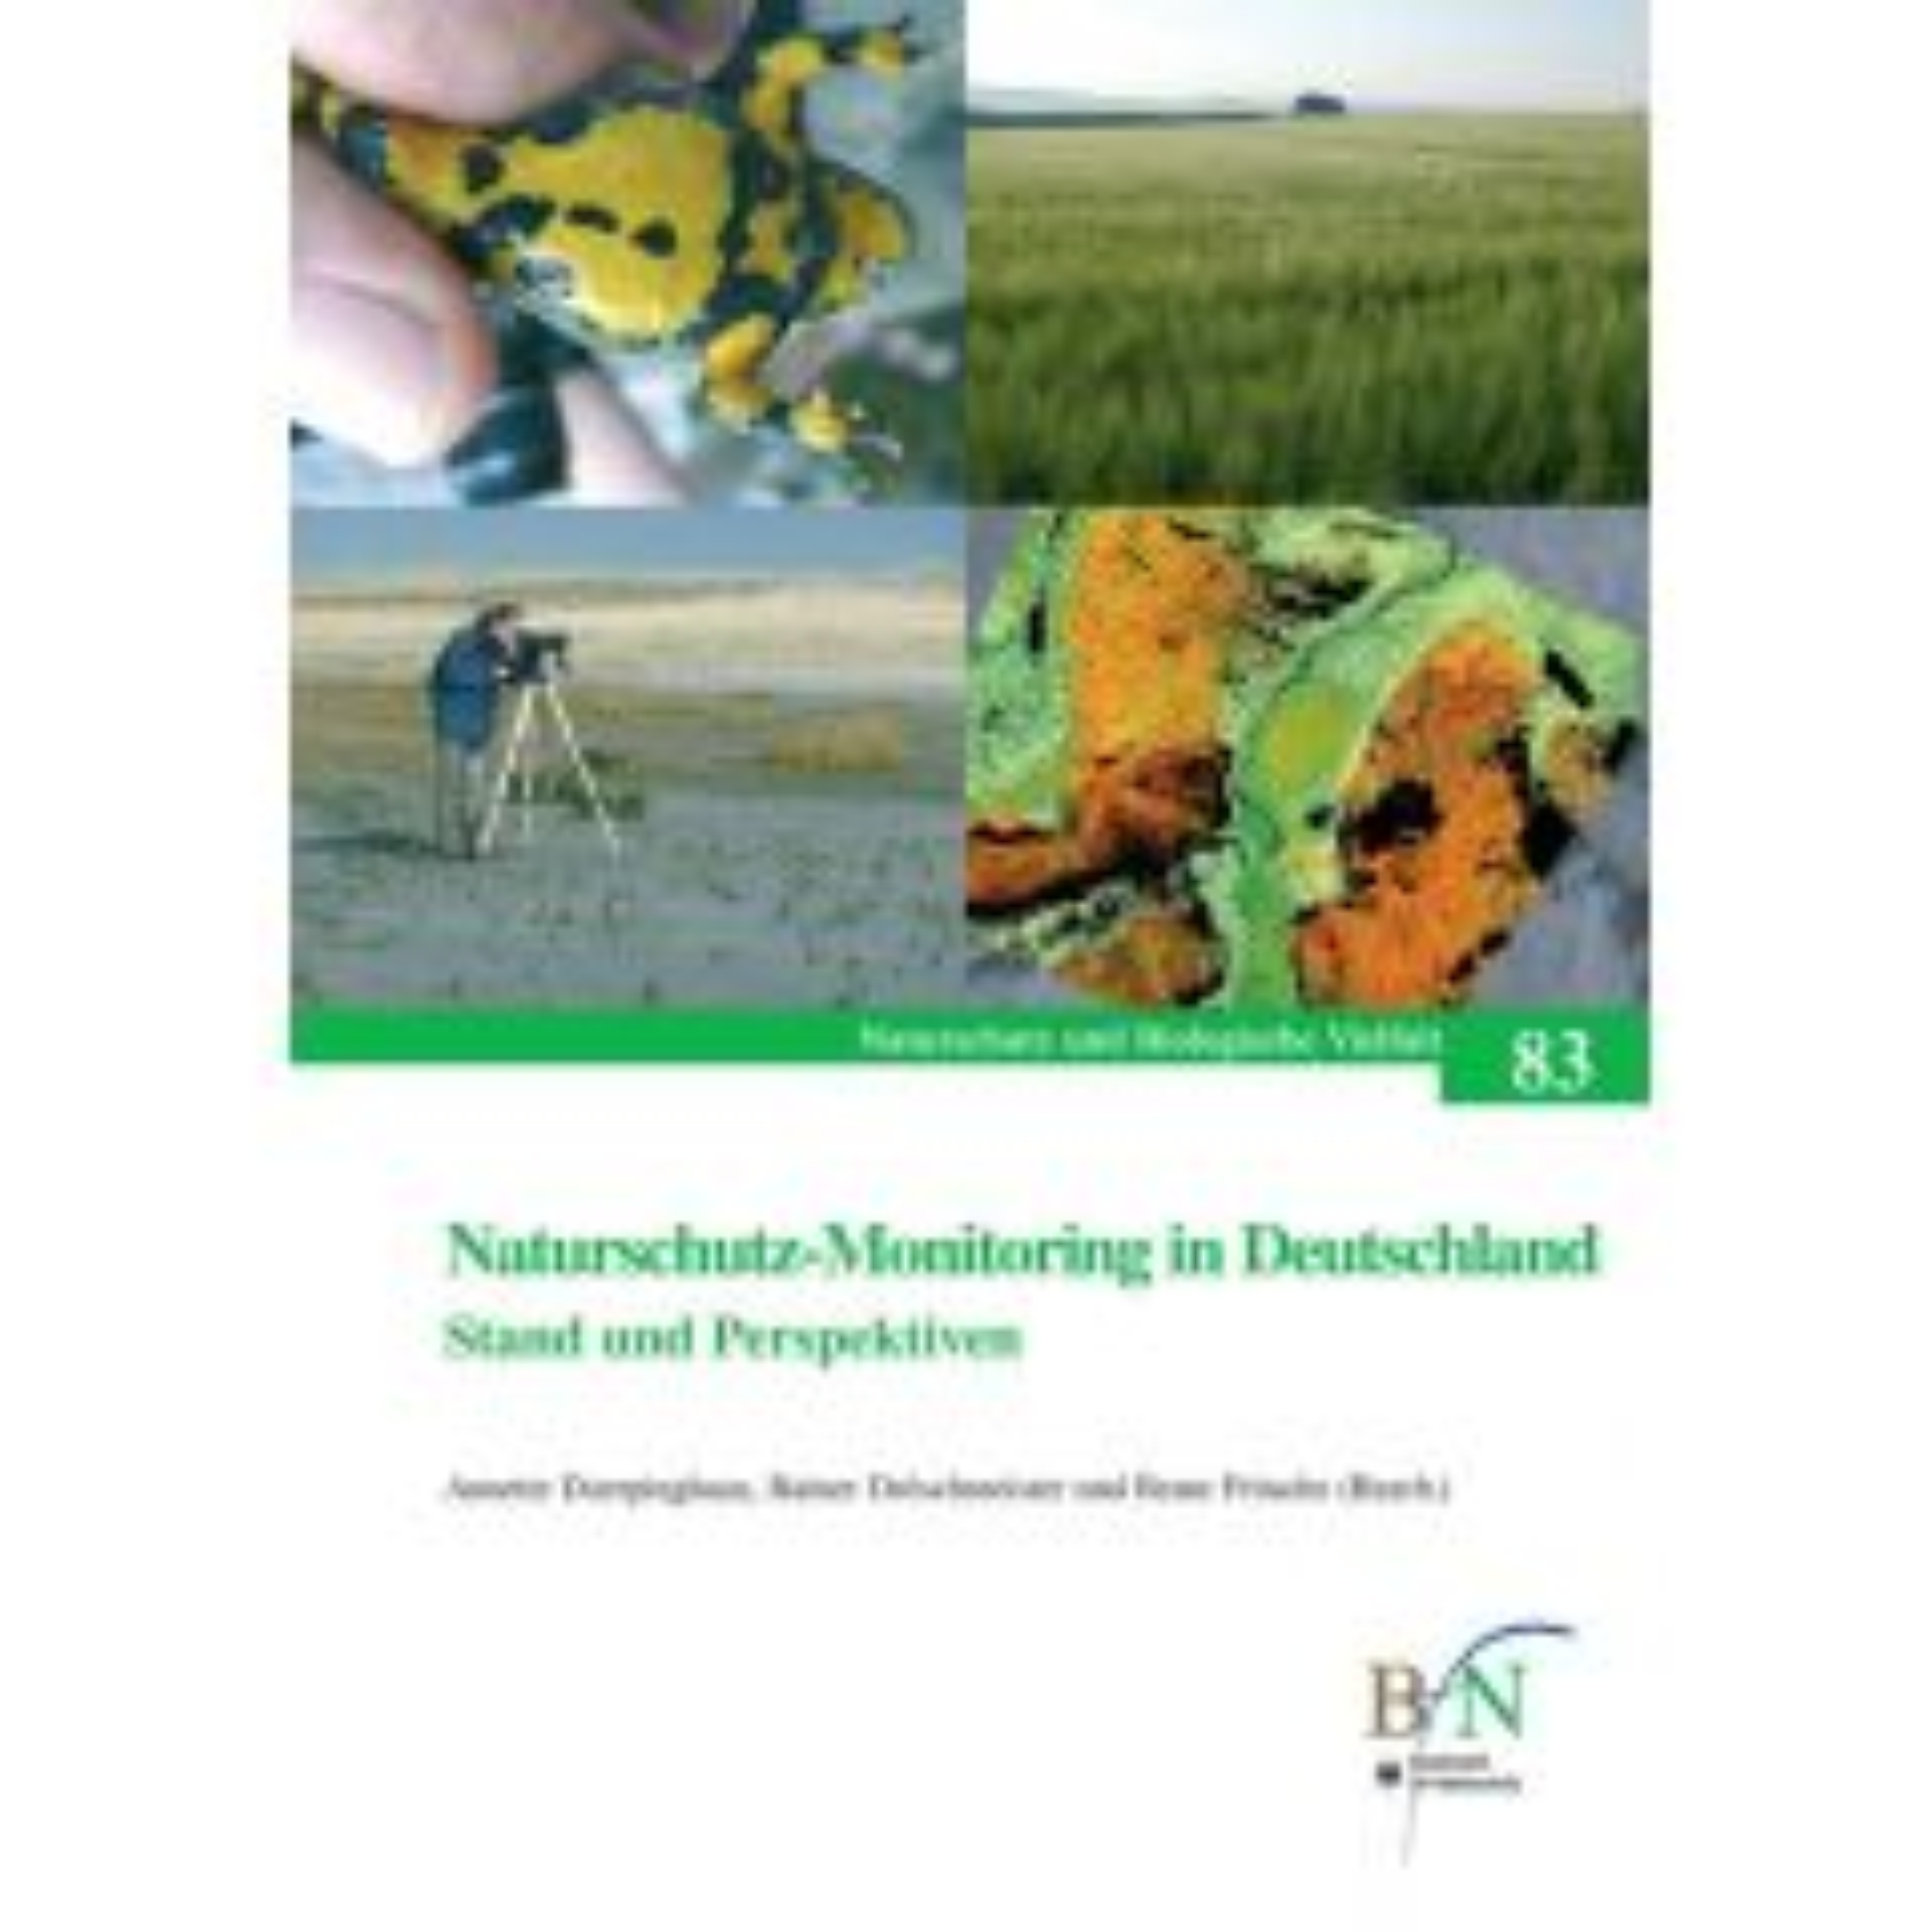 NaBiV Heft 83: Naturschutzmonitoring in Deutschland. Stand und Perspektiven.